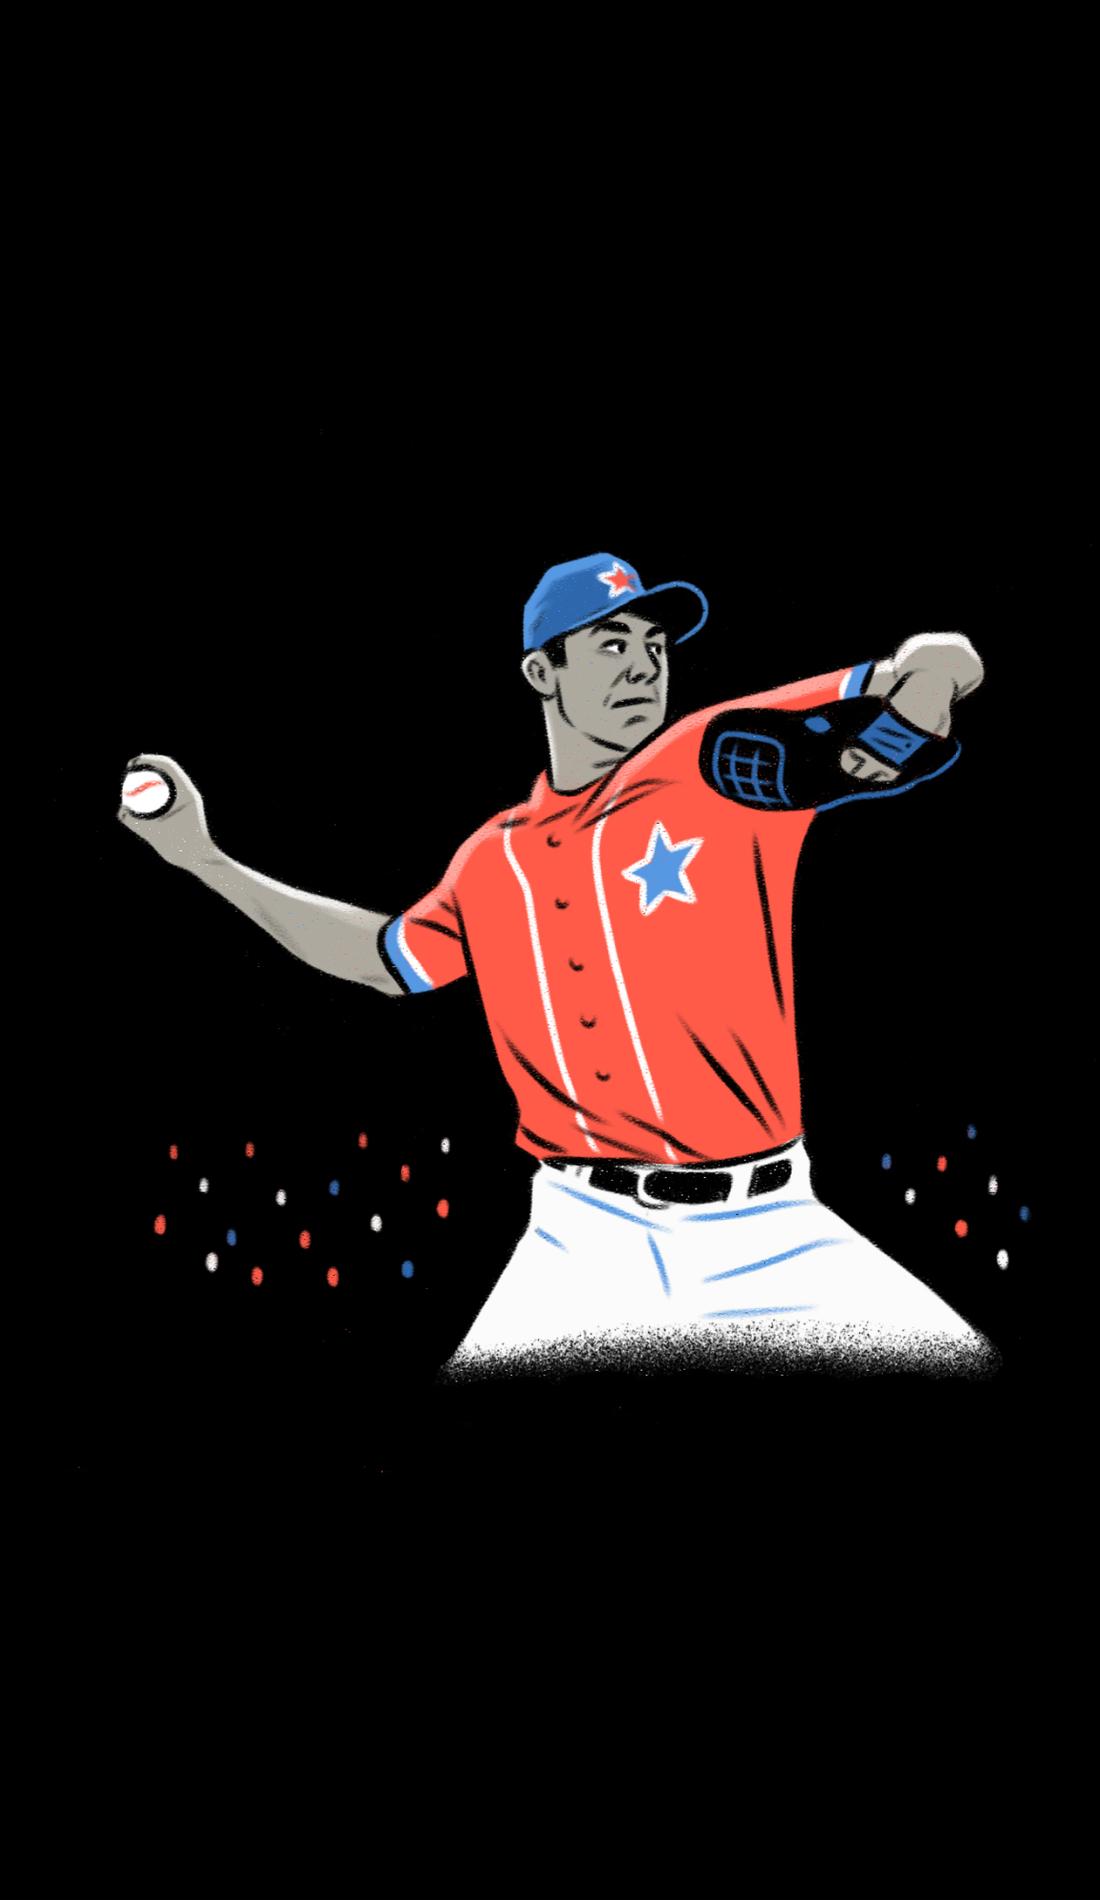 A Louisville Bats live event